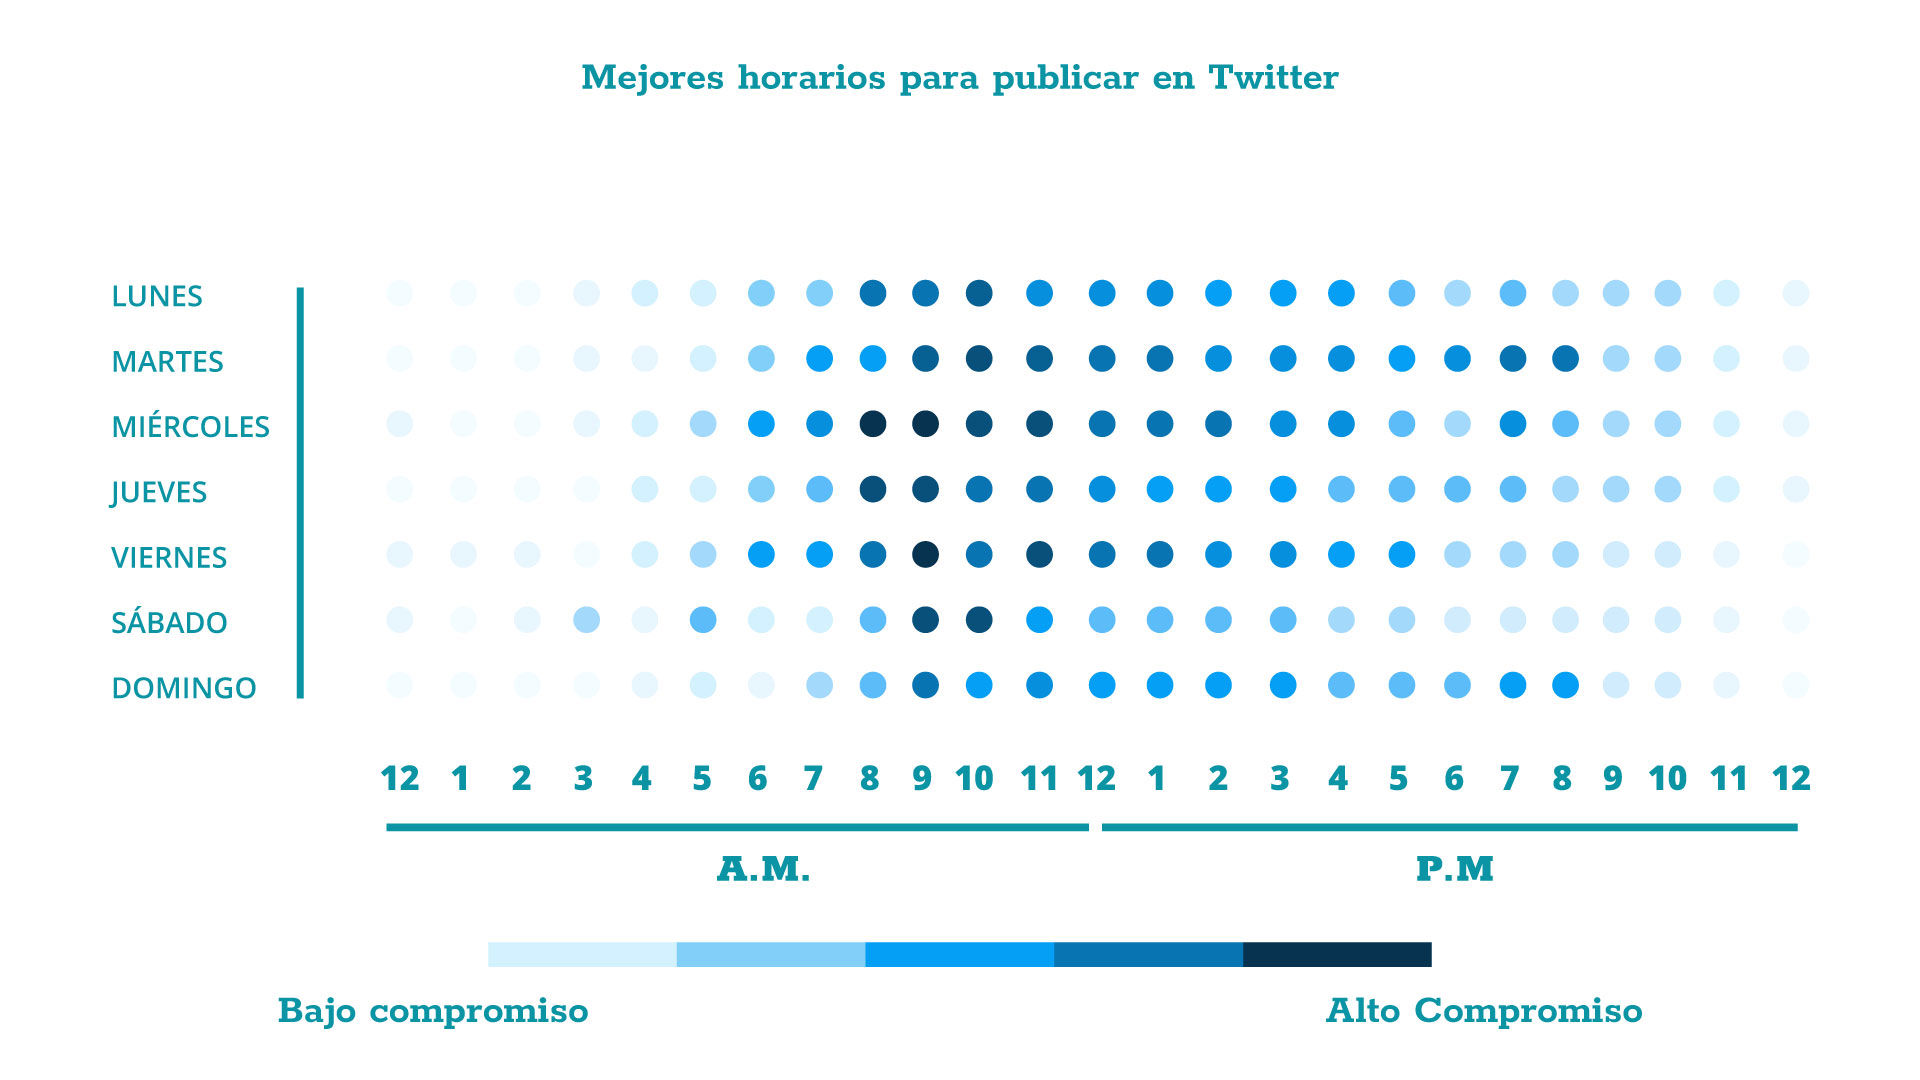 En este gráfico podemos observar el nivel de engagement de los usuarios de Twitter, en general.